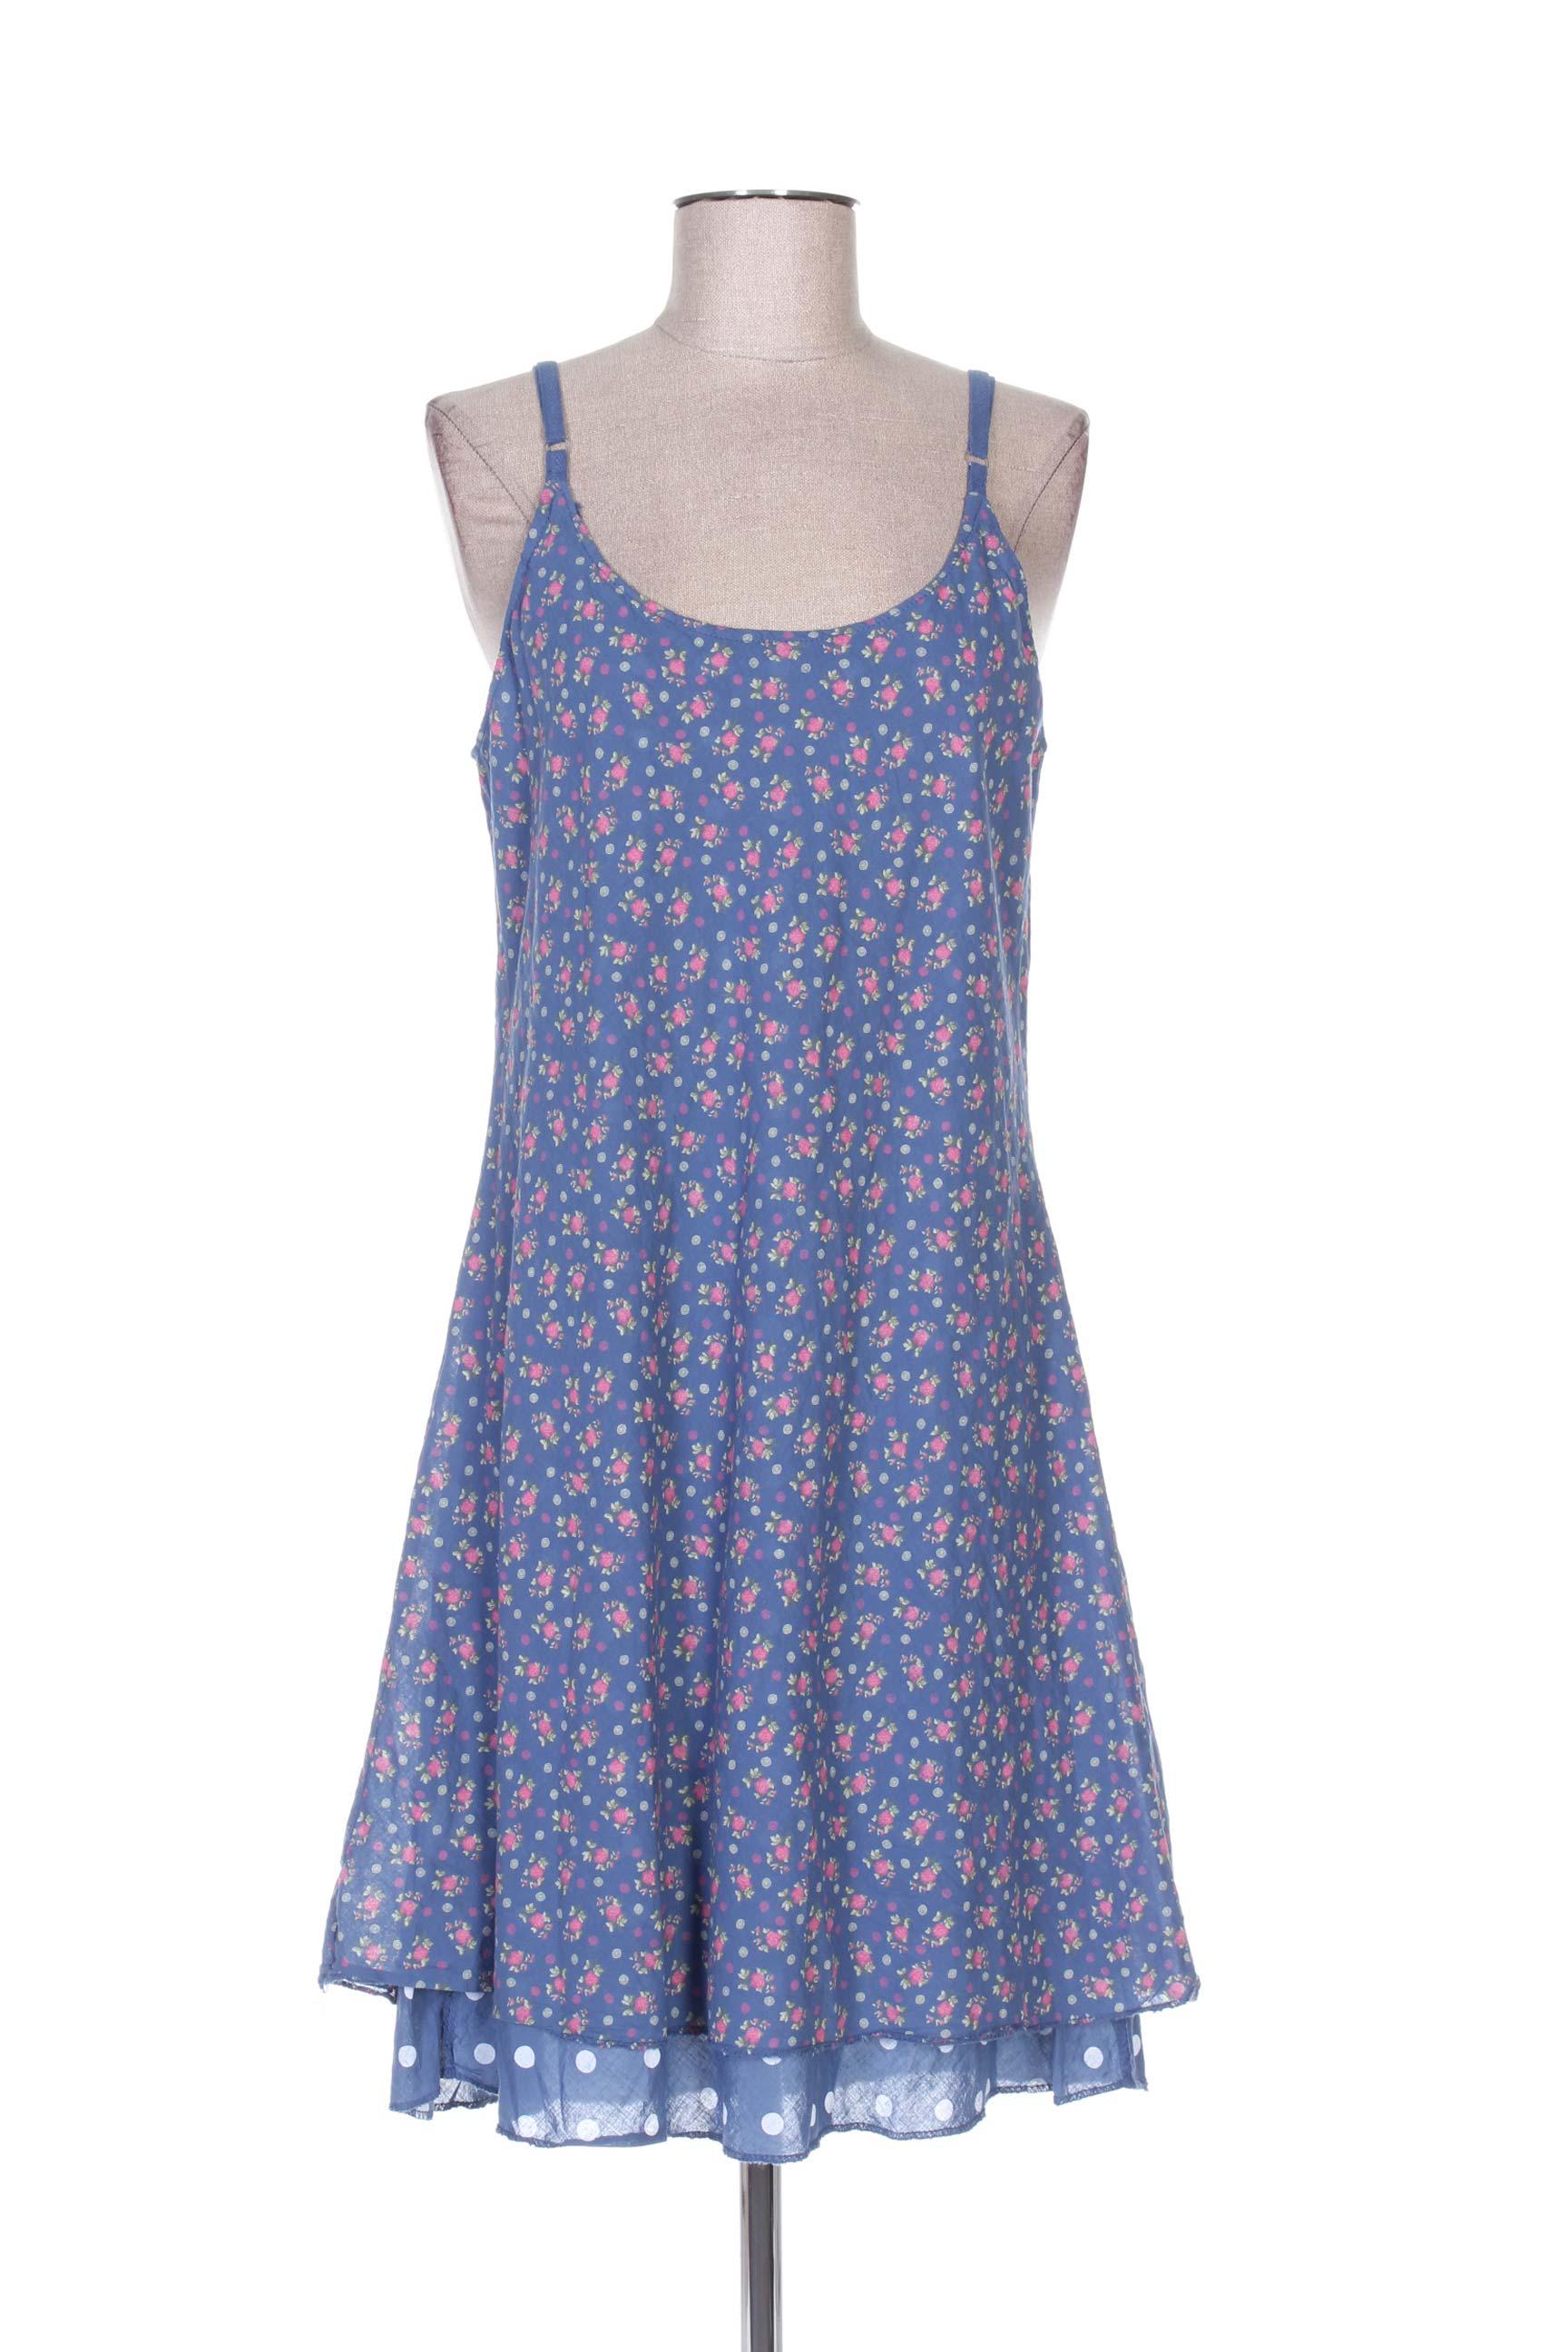 4b4d27472d4ed9 TALIA BENSON Robes Robes mi-longues de couleur bleu en soldes pas cher  1141397-bleu00 - Modz